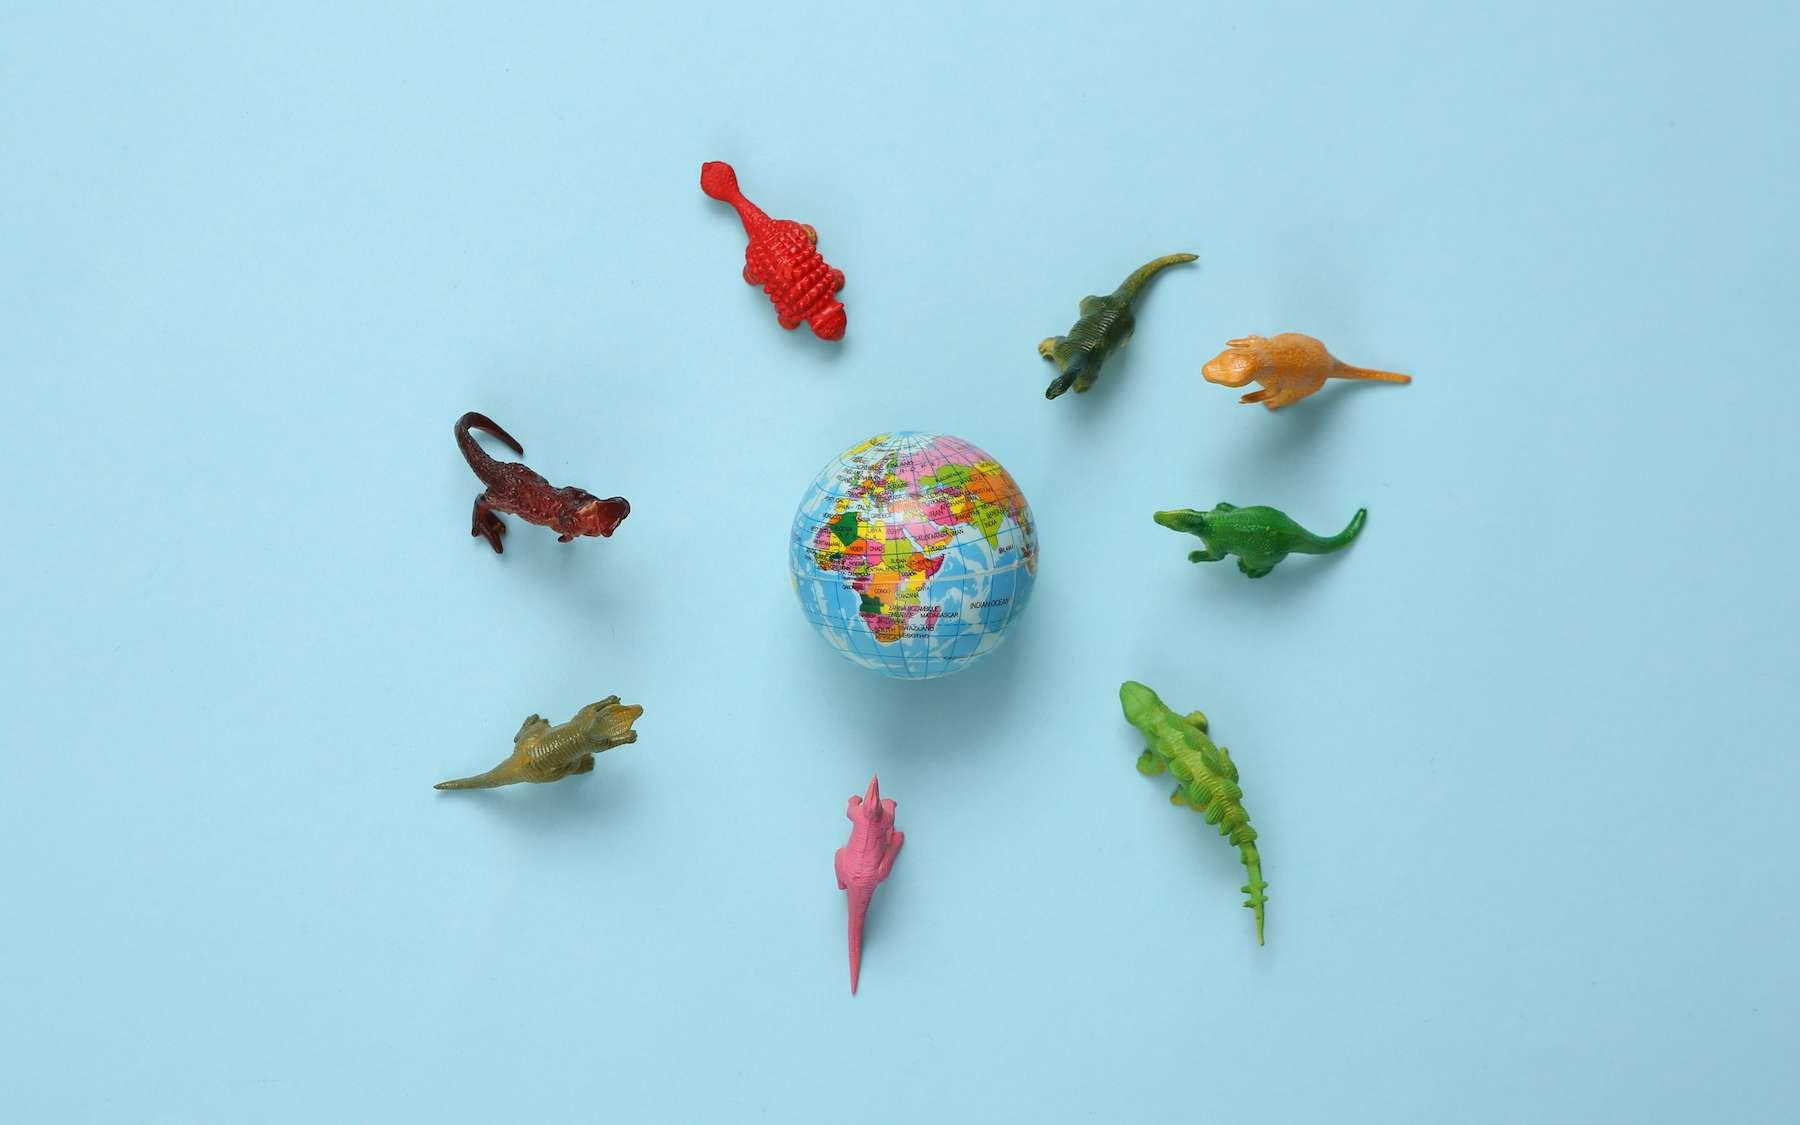 Les dinosaures herbivores ont pu quitter l'Amérique du Sud grâce à un changement du climat. © splitov27, Adobe Stock